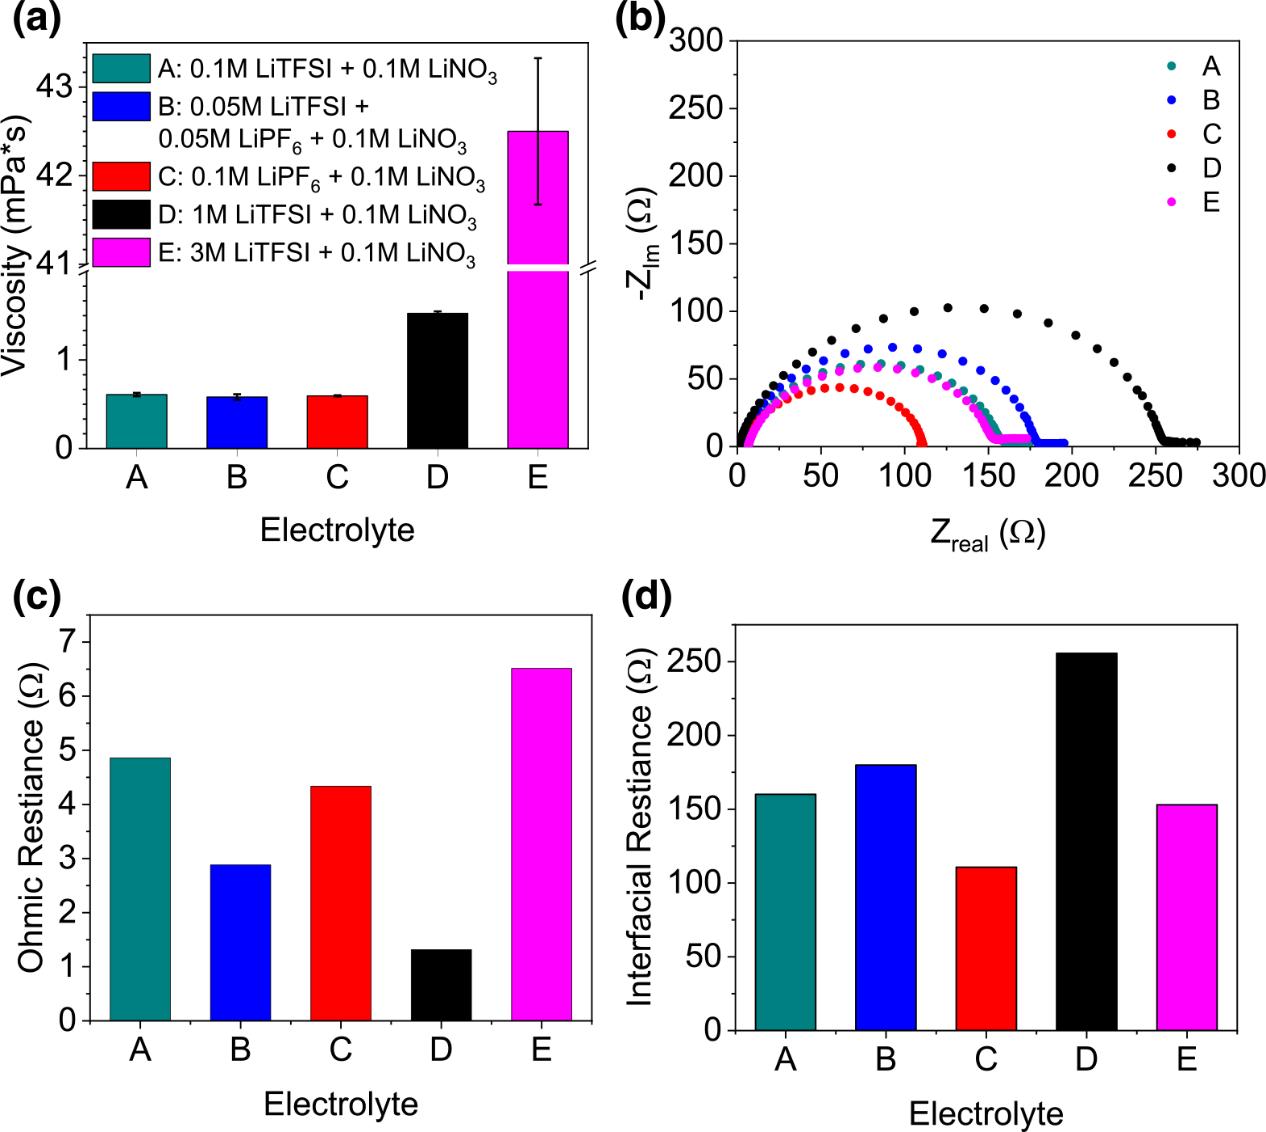 Li-S电池:低浓度电解质助力高倍率性能